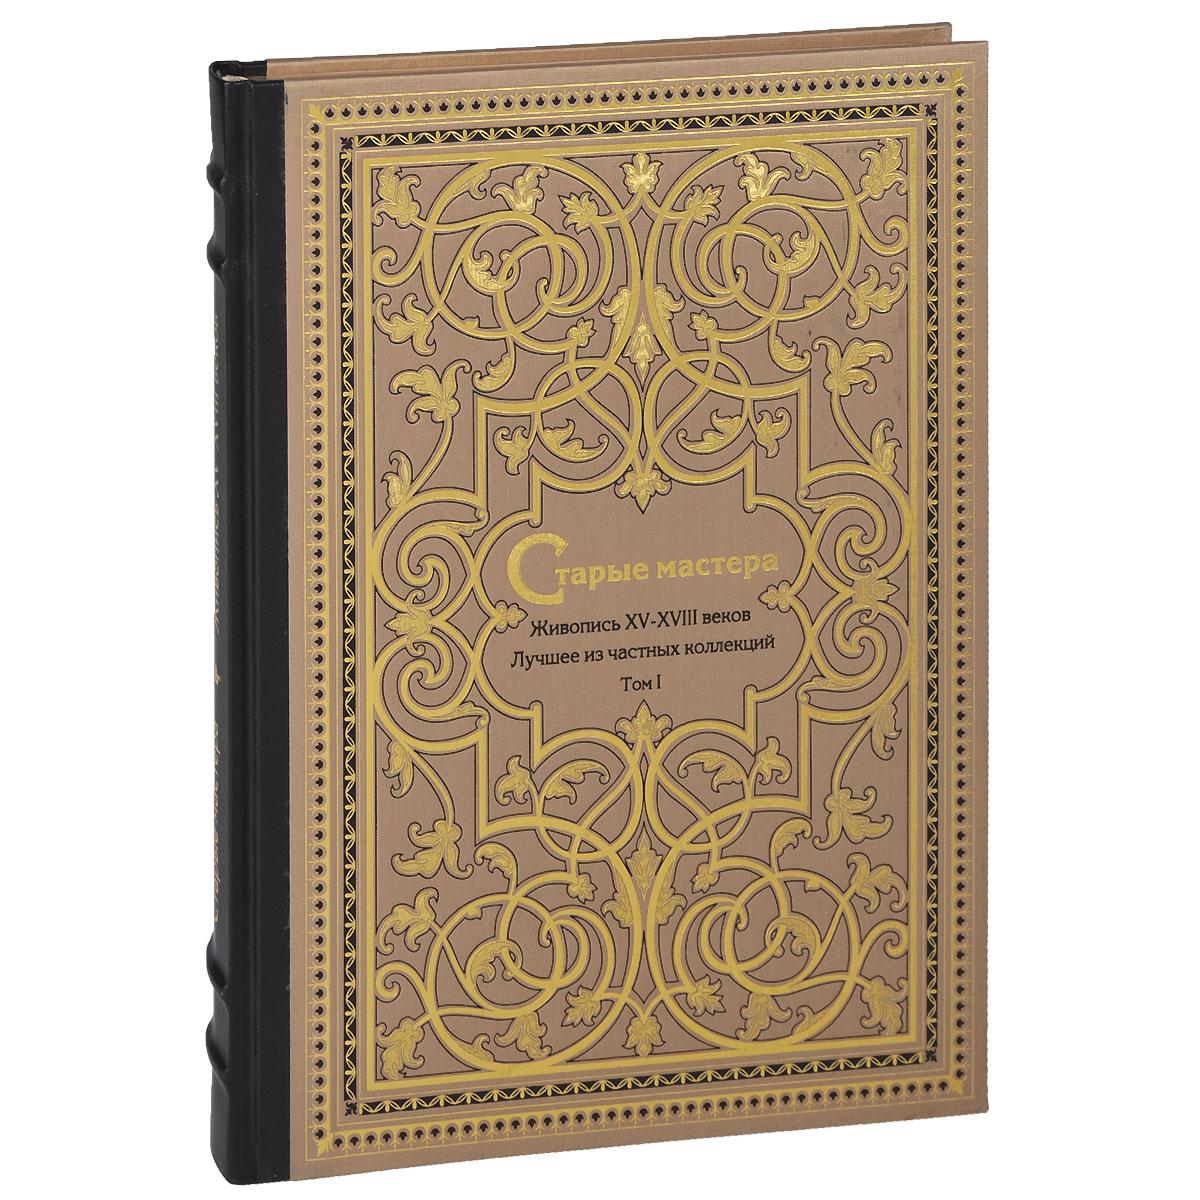 Старые мастера. Лучшее из частных коллекций. Том 1 (подарочное издание), В. А. Садков